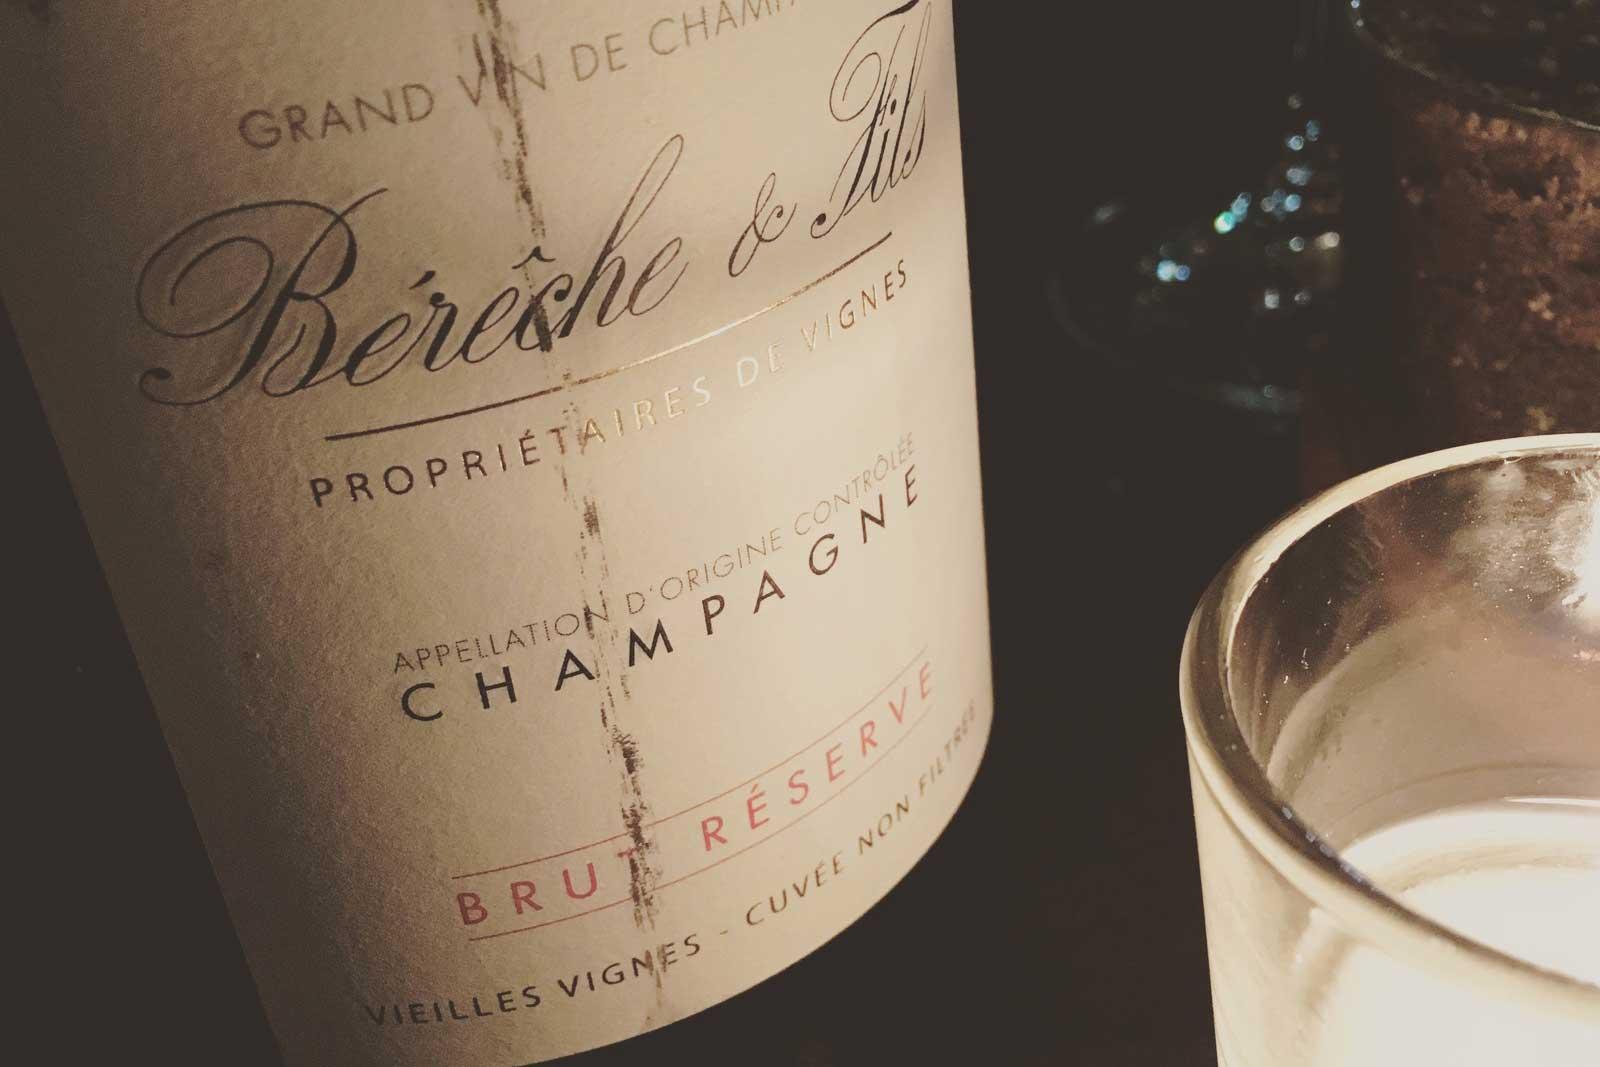 NV Bérêche & Fils Brut Réserve Vieilles Vignes Champagne ©Kevin Day/Opening a Bottle